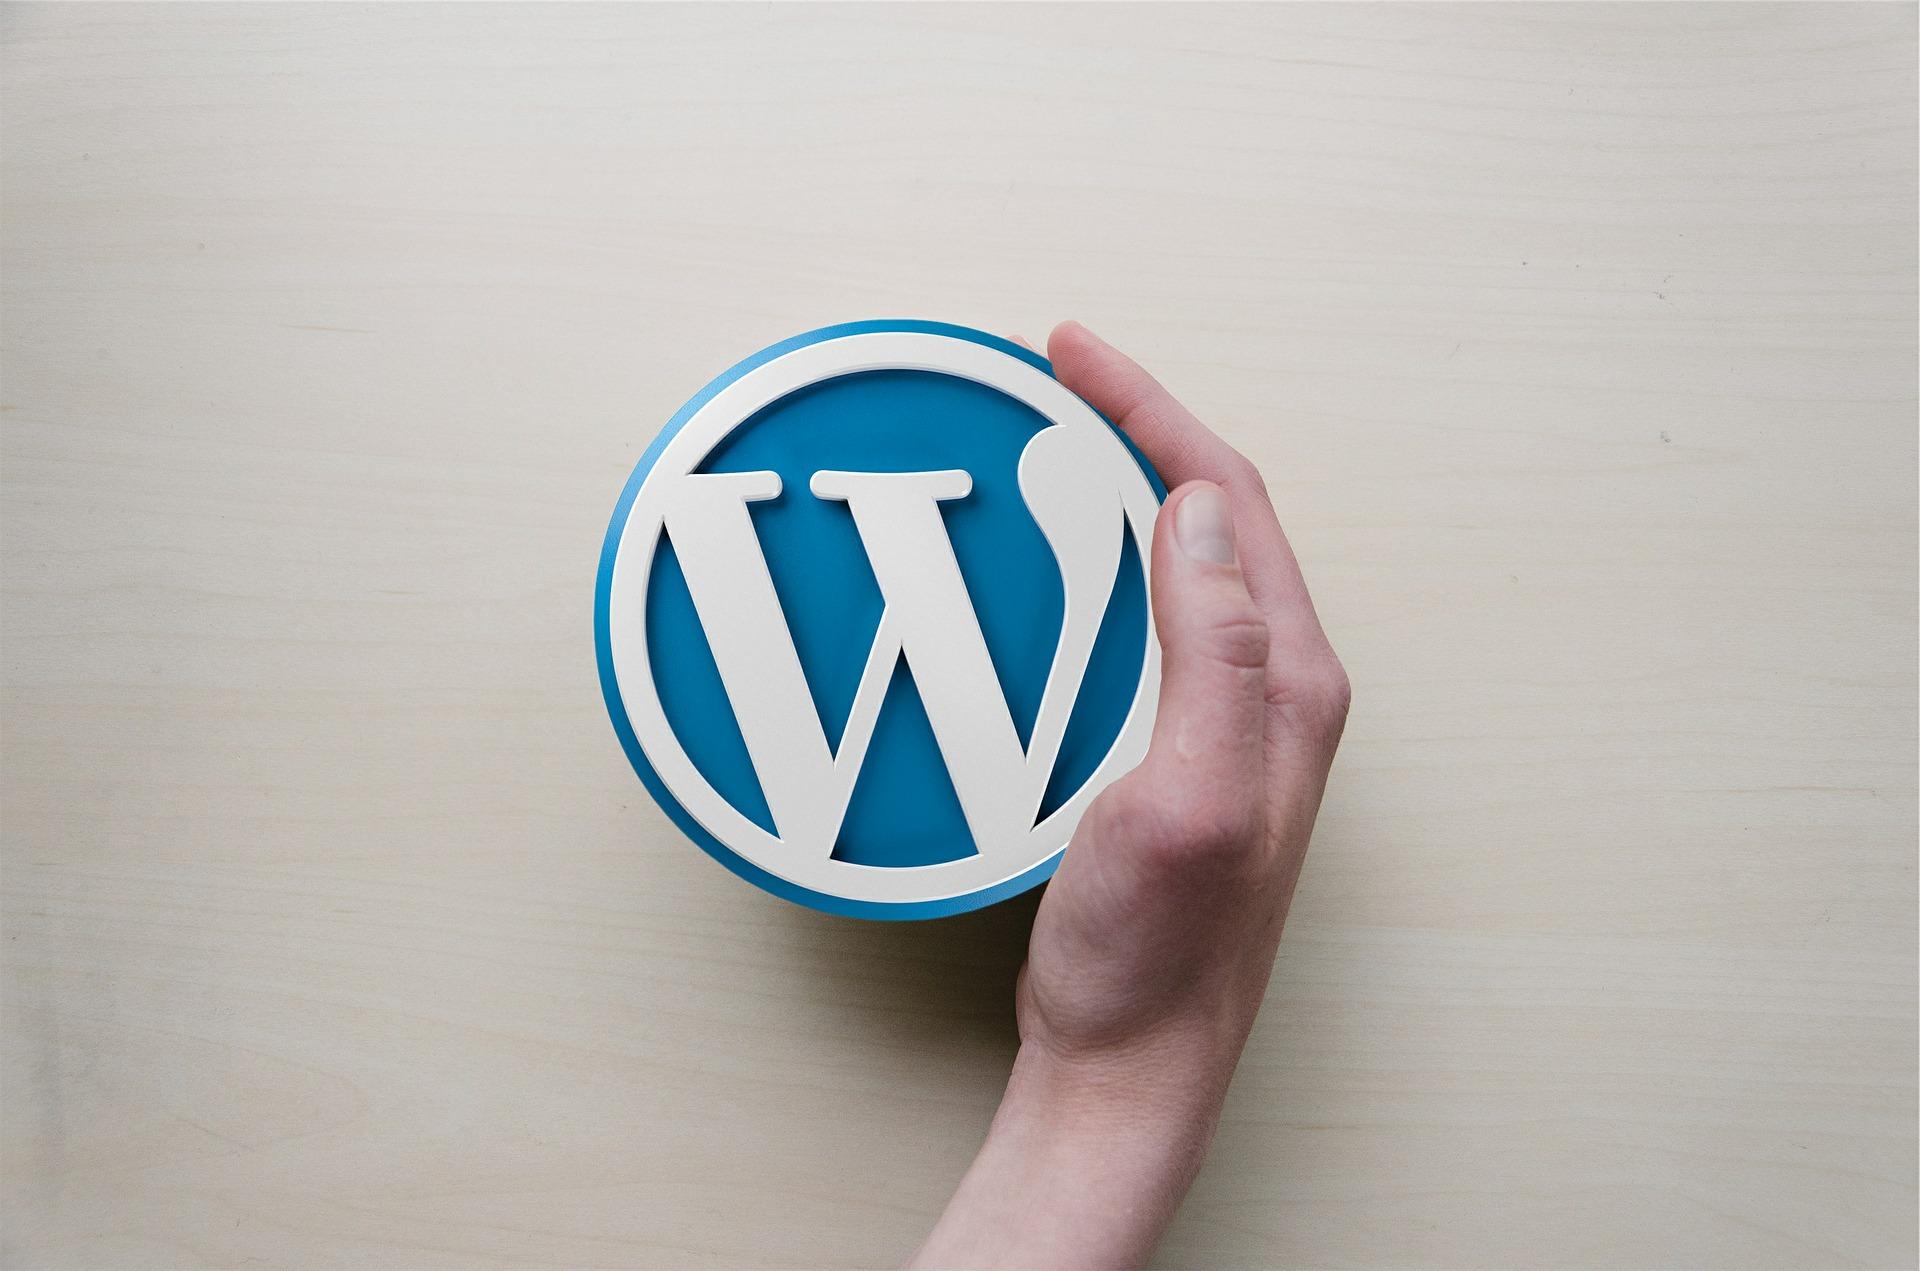 Wieso sollte dein Unternehmen WordPress nutzen?